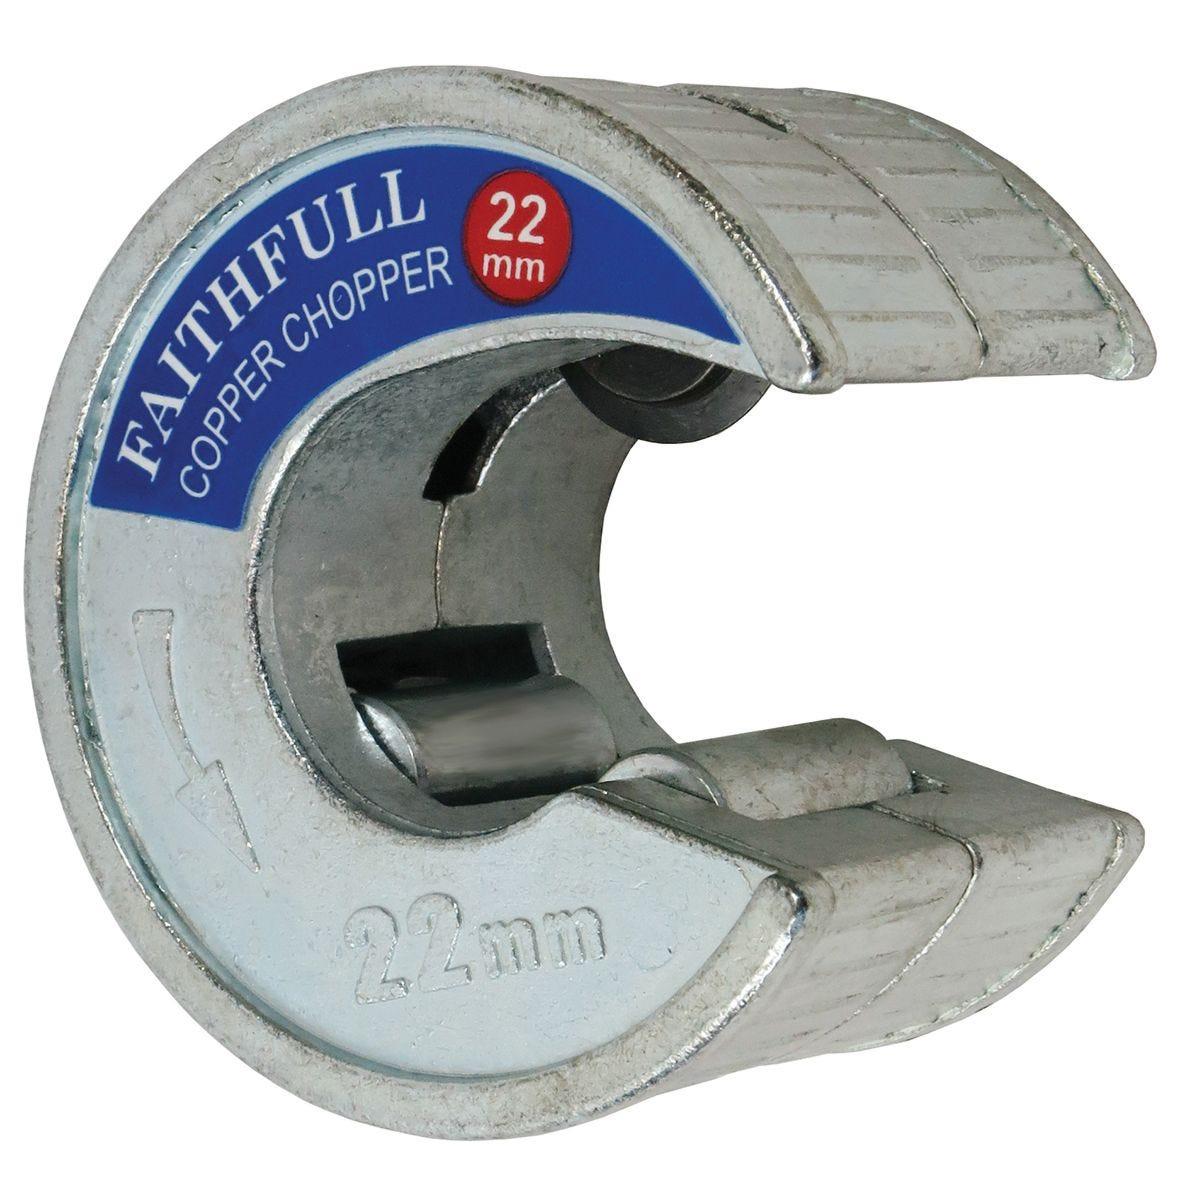 Faithfull Pipe Slicer Copper Choppers 22mm